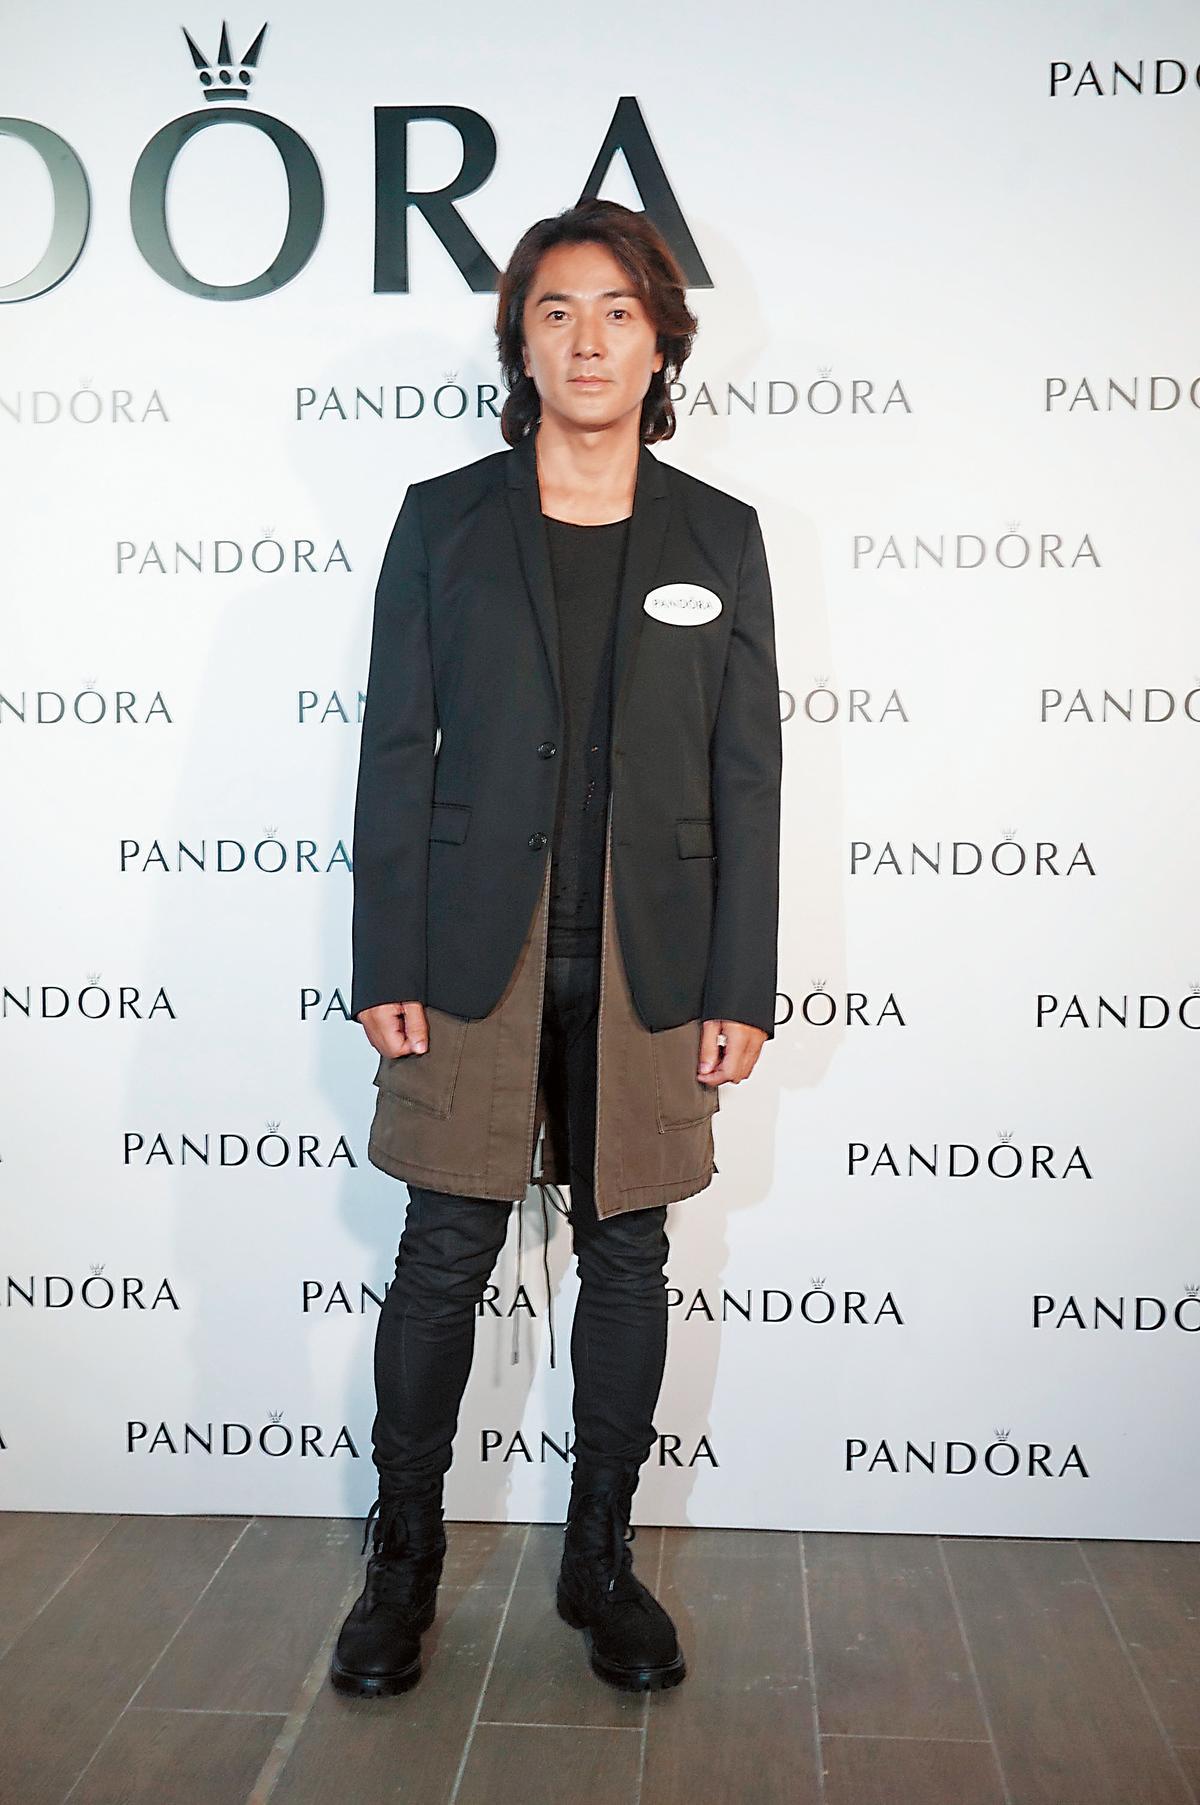 要參加女性飾品品牌活動,鄭伊健在打扮上可是有下過功夫的。雖然穿著西裝外套,但他多加了件長及膝蓋的內搭,讓視覺增添了層次感,也中和了他的陽剛性格。